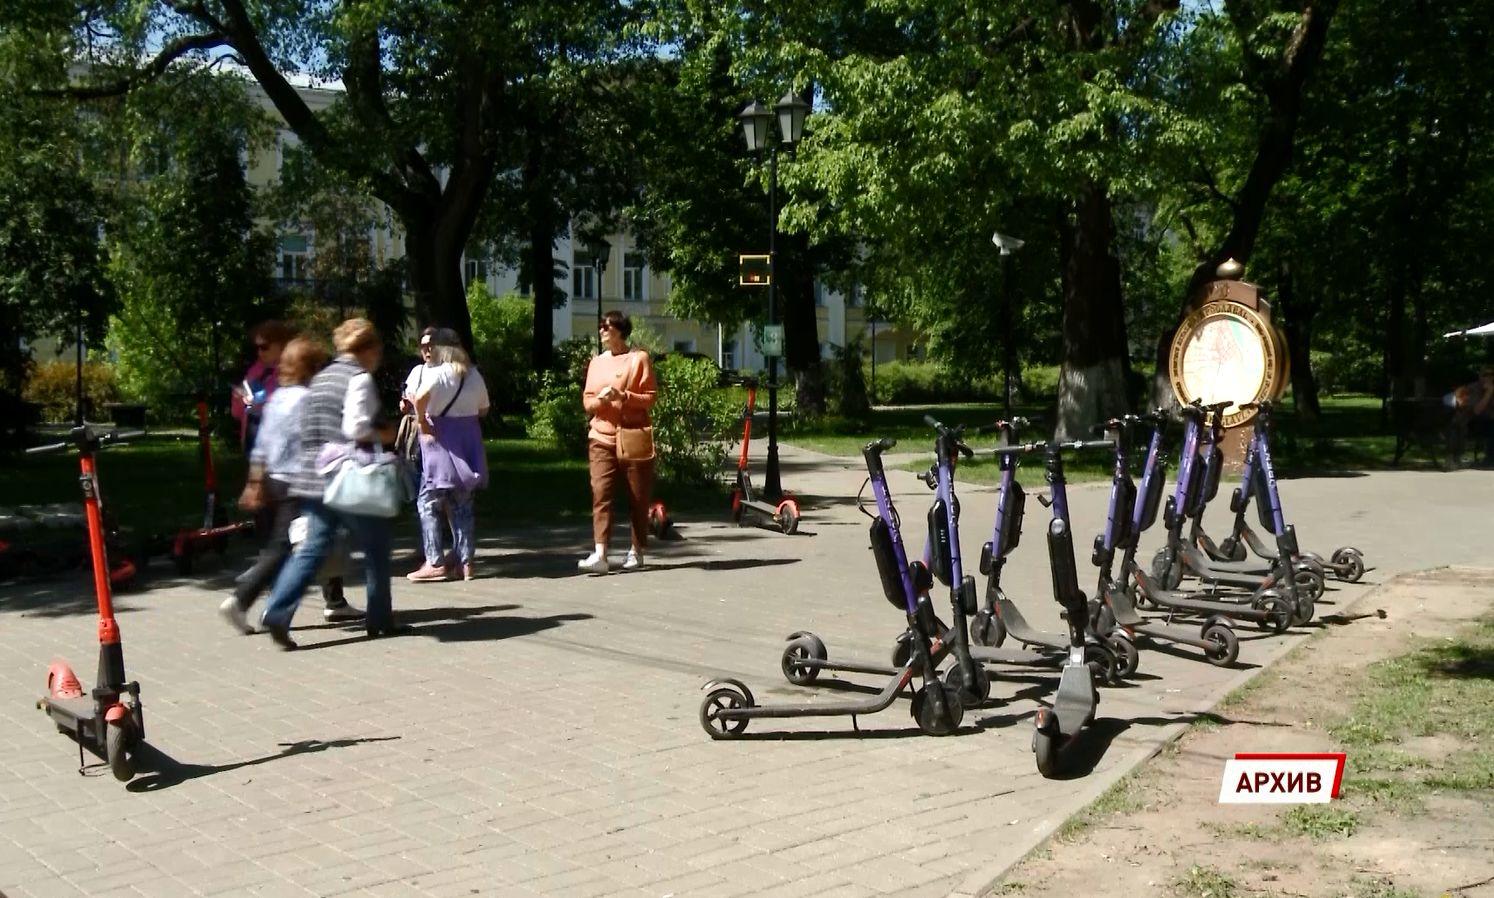 В Ярославле серьёзно ограничат свободу передвижения арендных электросамокатов